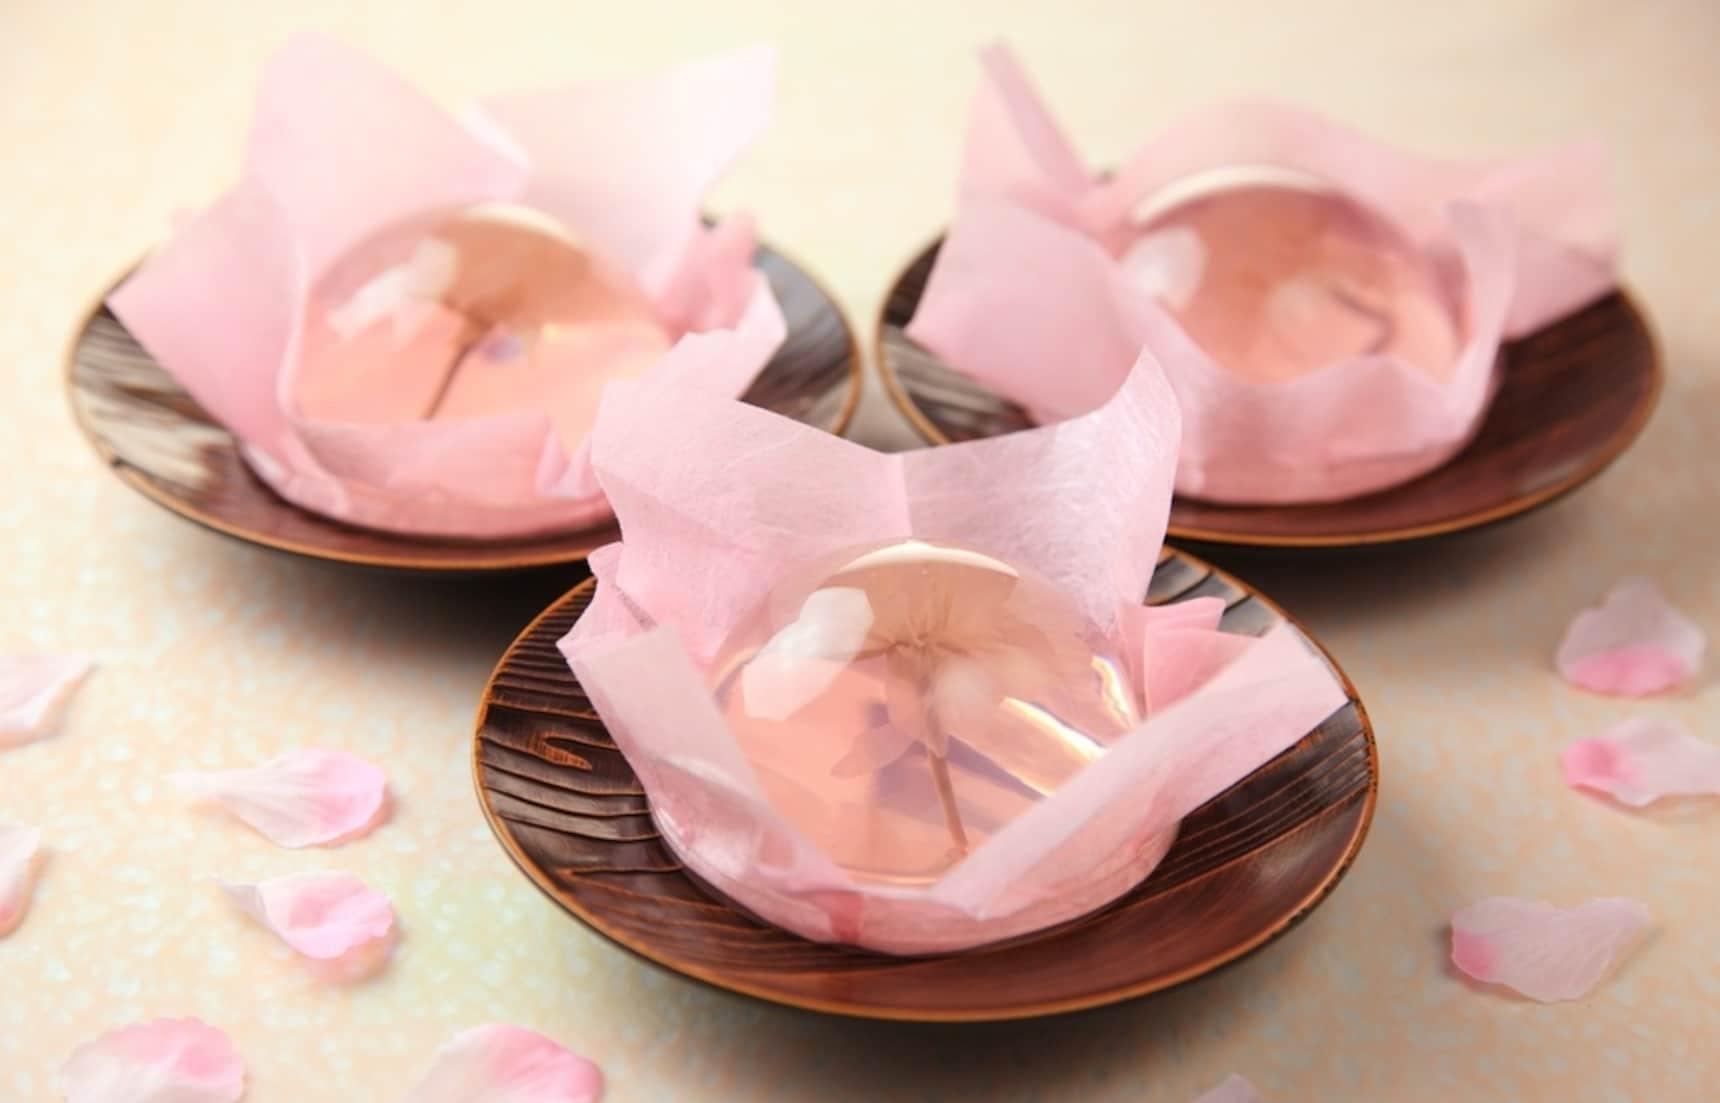 먹기엔 너무 아까운 물방울 벚꽃 젤리